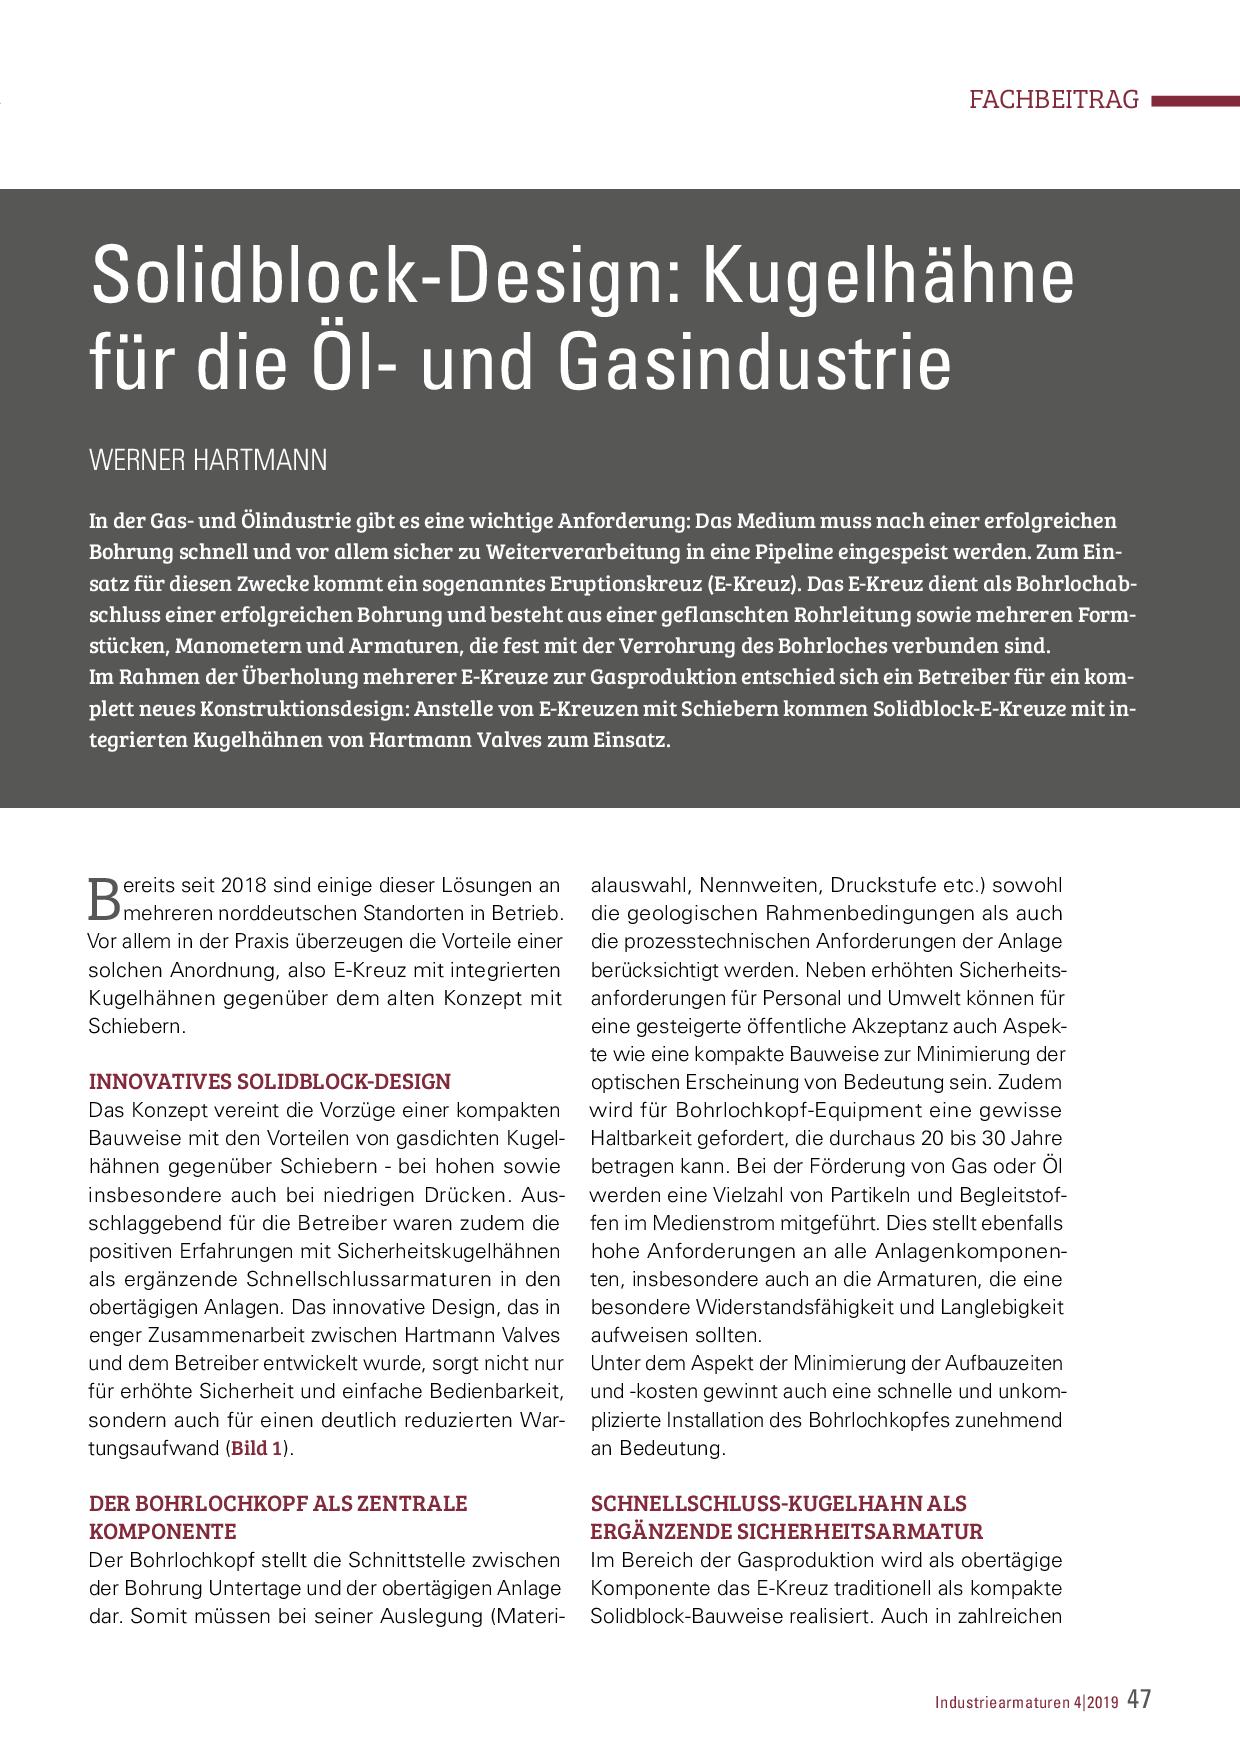 Solidblock-Design: Kugelhähne für die Öl- und Gasindustrie